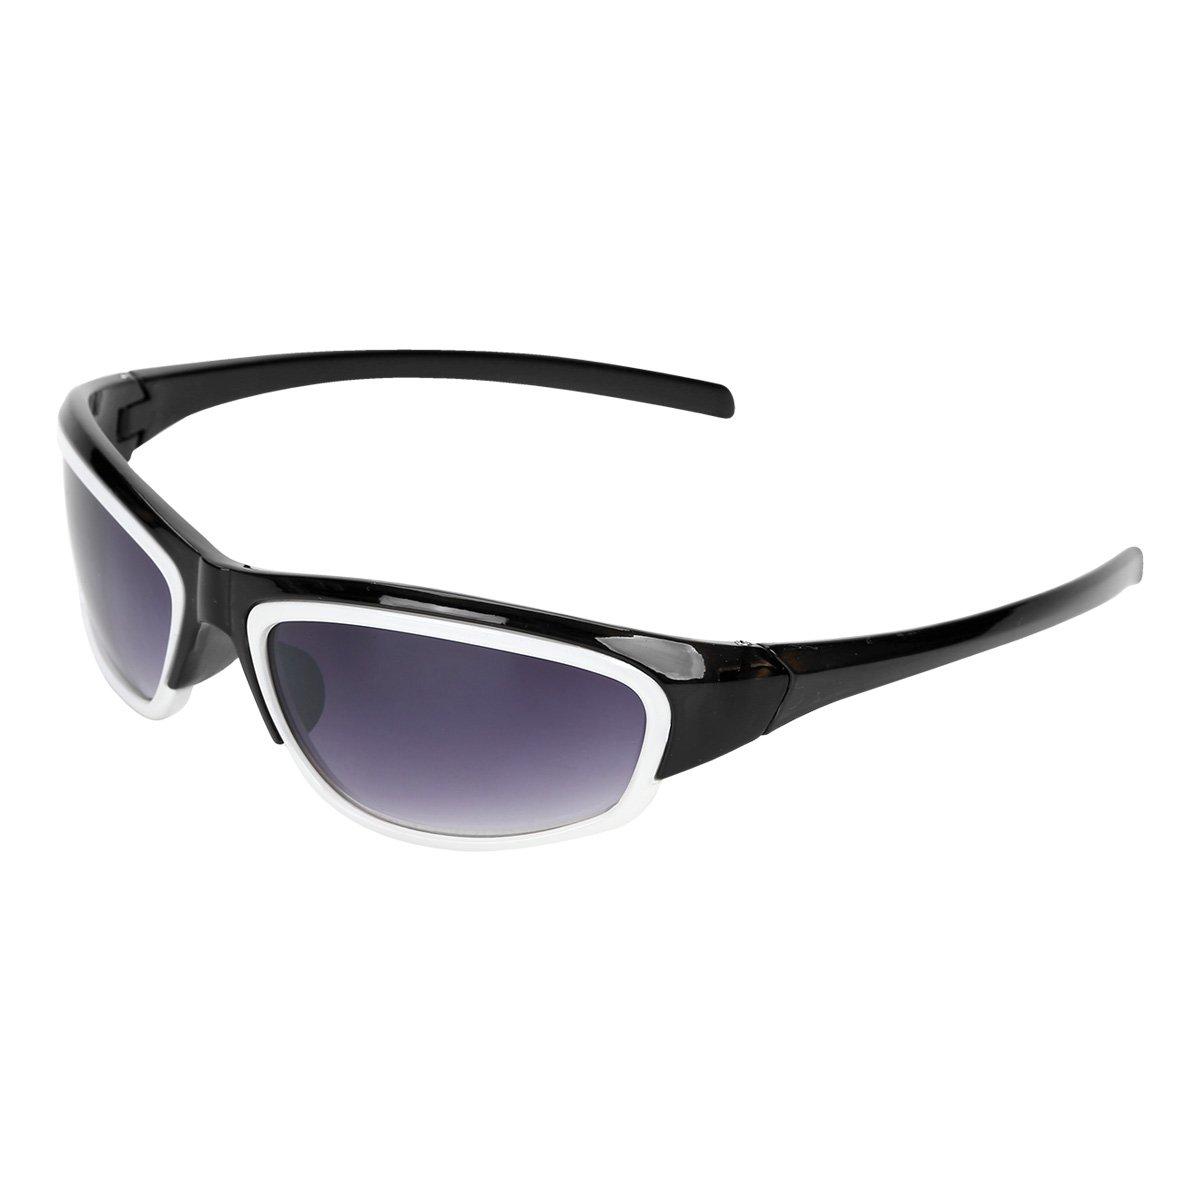 3885345980e6a Óculos de Sol Moto GP Pro Spectro Line 08 - Preto - Compre Agora ...